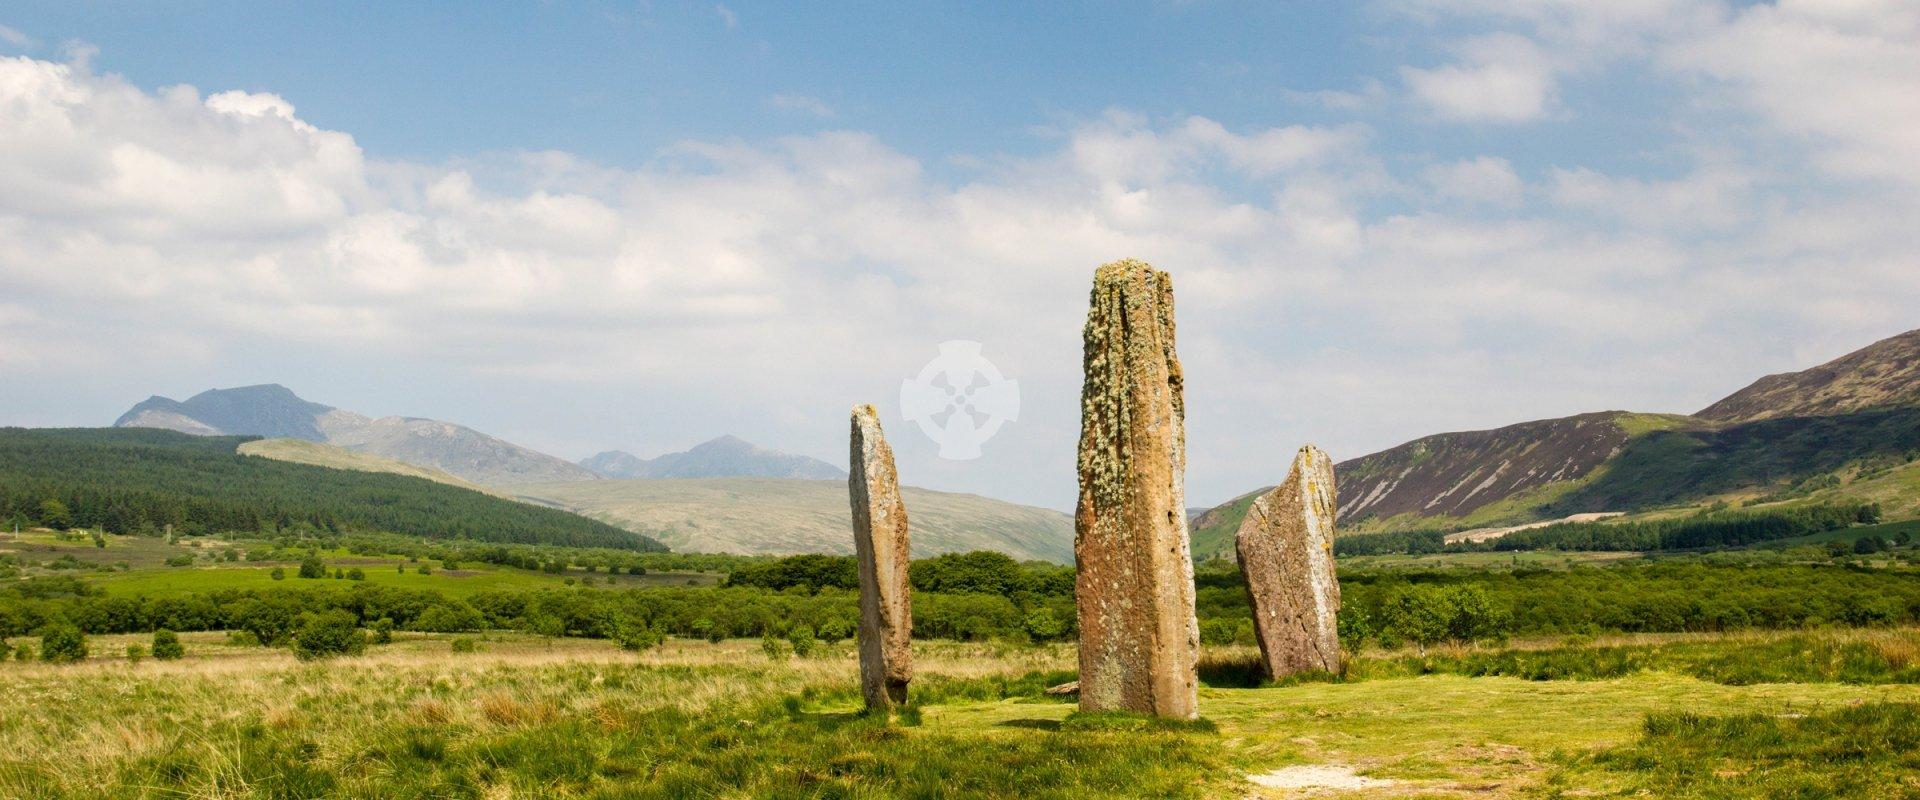 Standing Stones, Machrie Moor, Arran